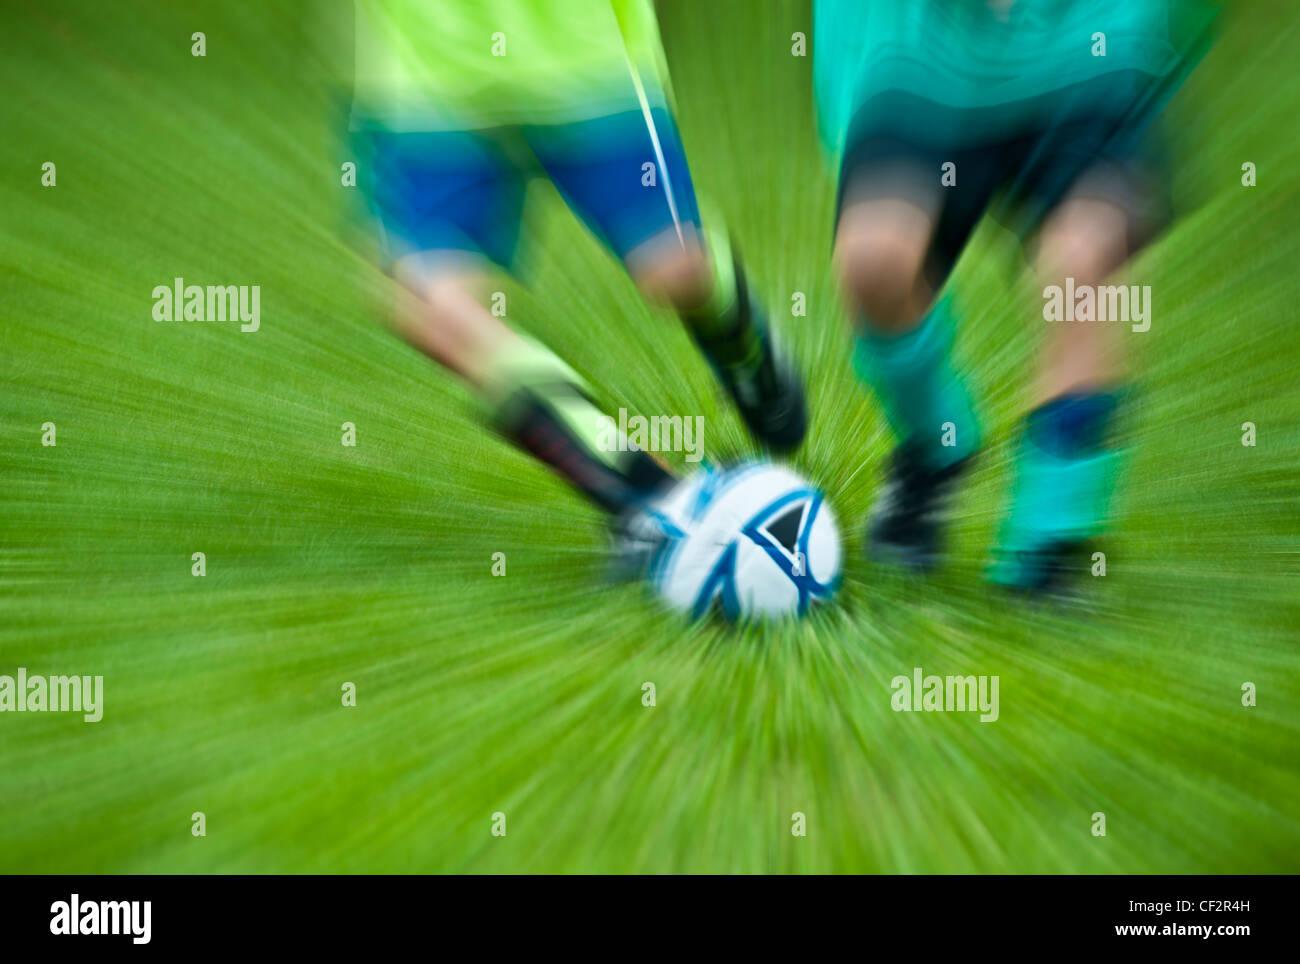 Muchachos juego de fútbol juvenil. Imagen De Stock